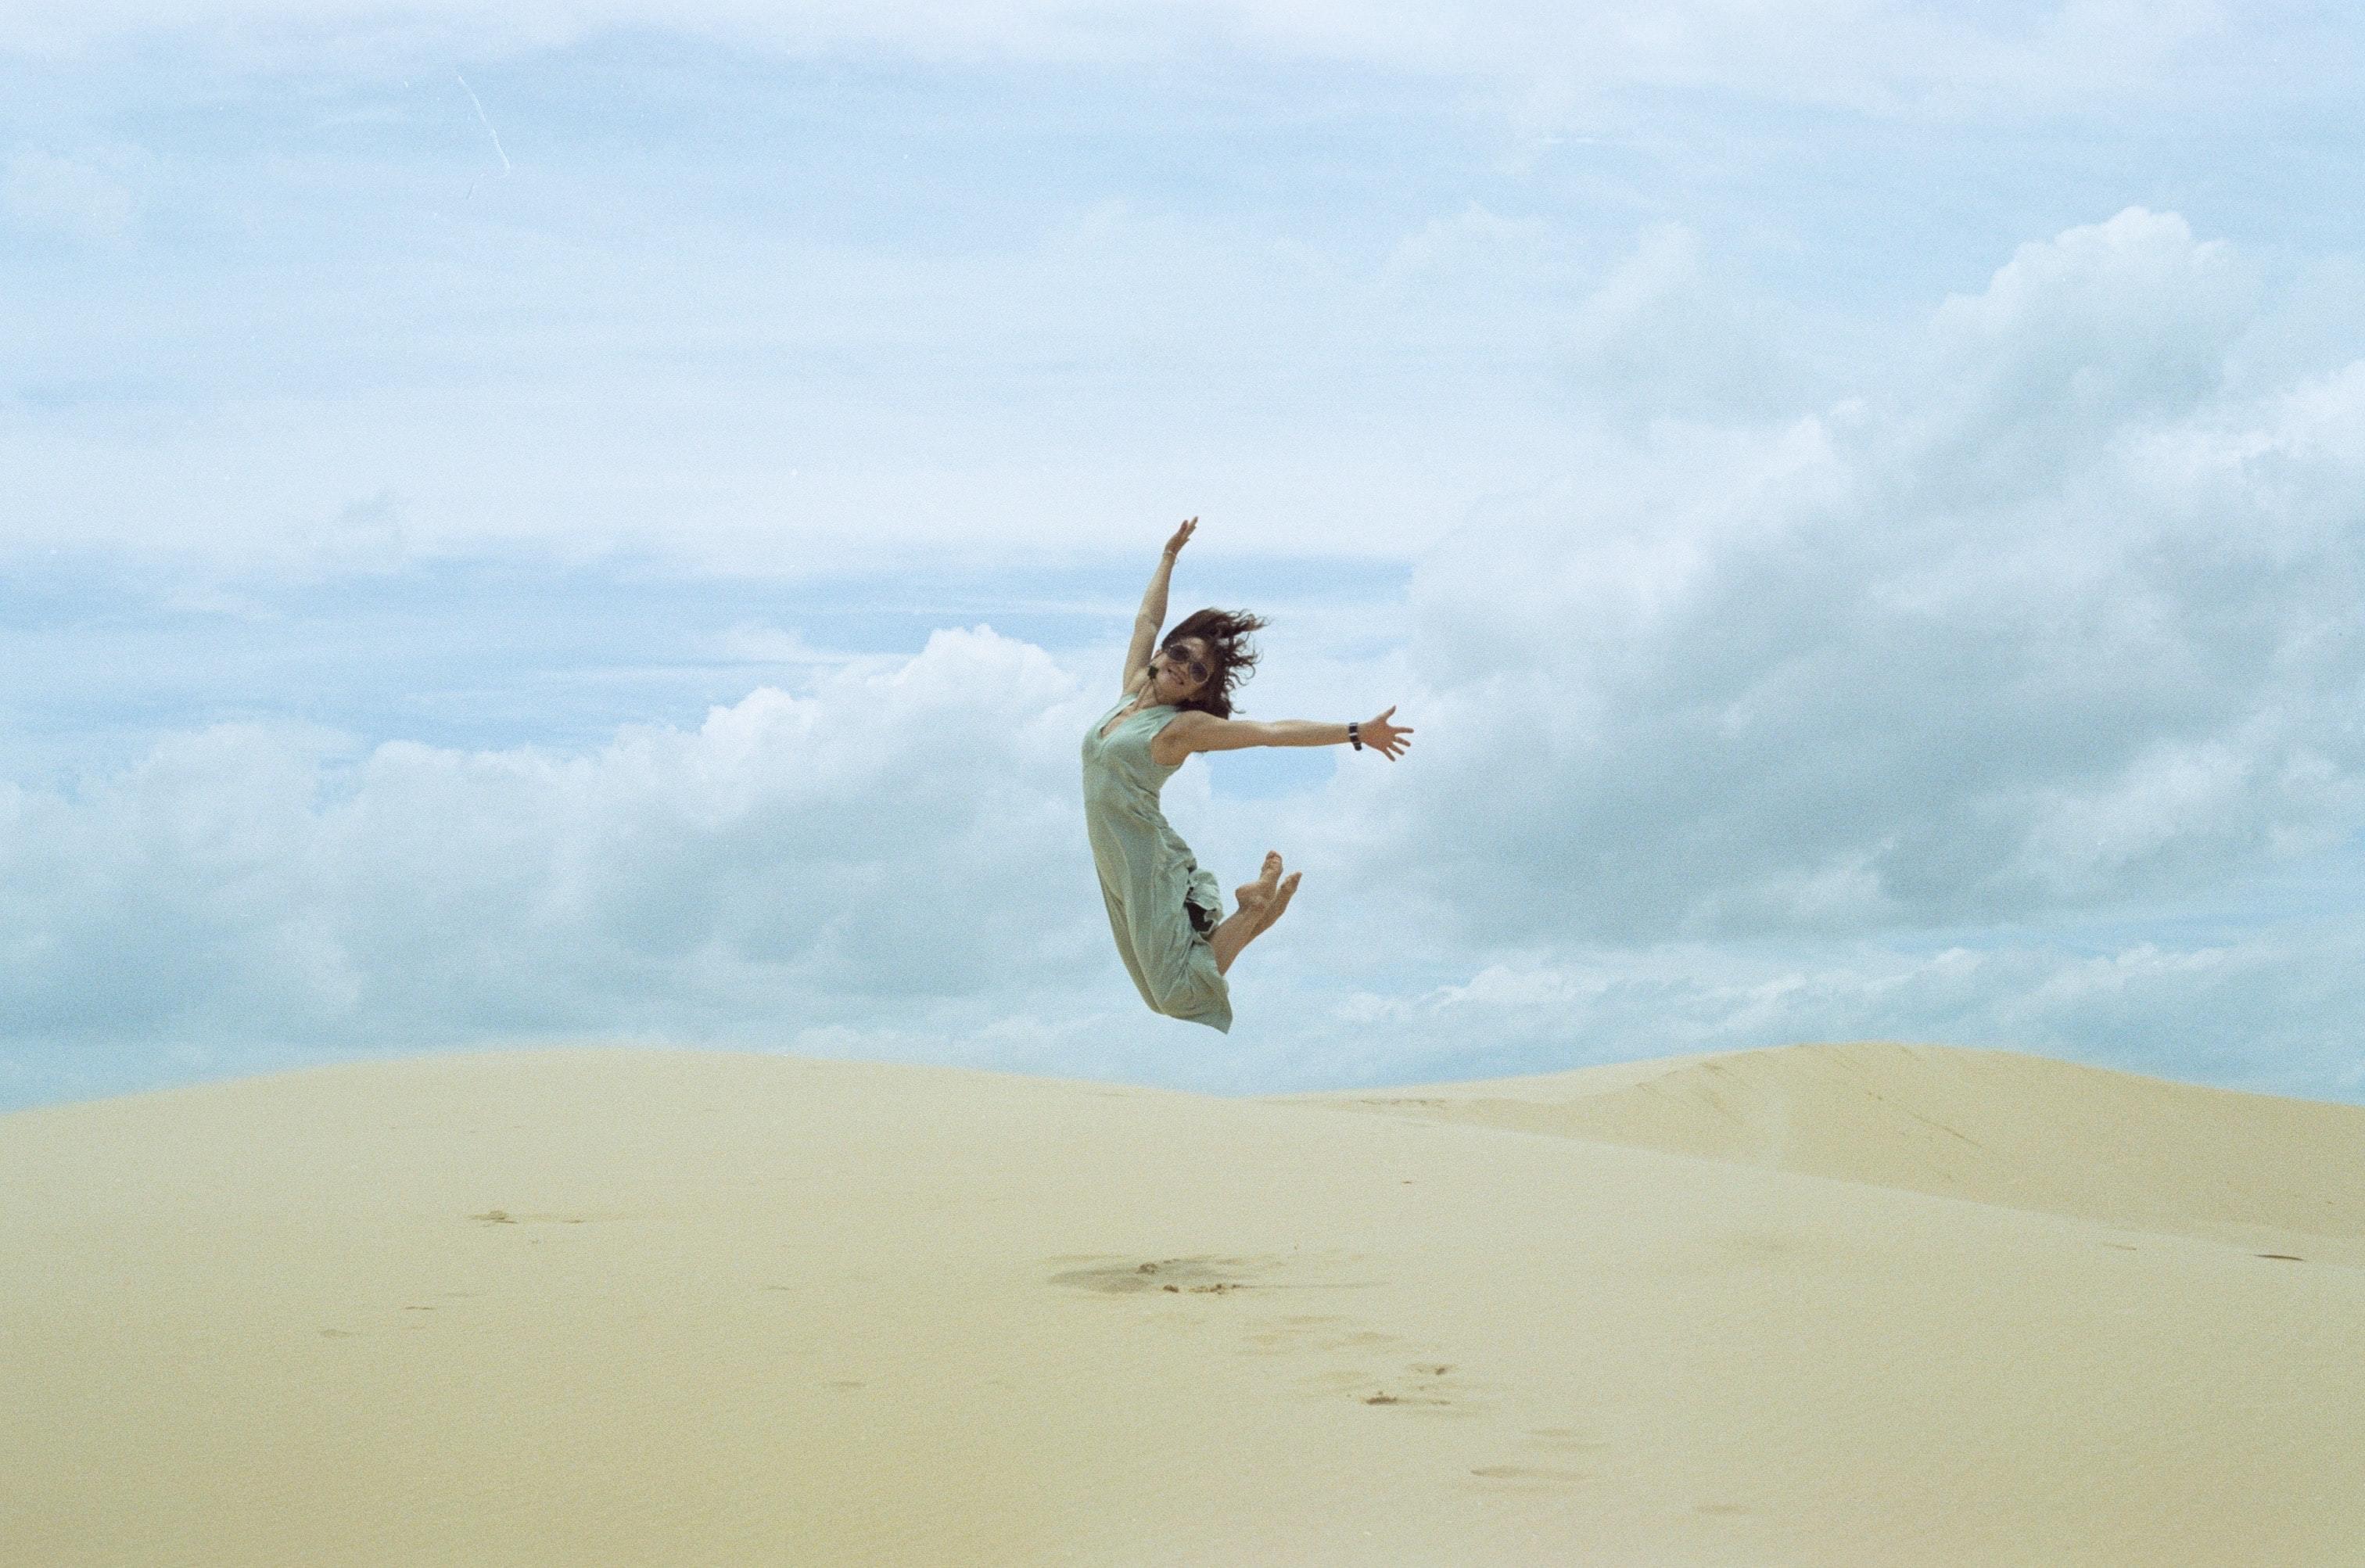 七天幸福体验营Day2 如何在精神层面更幸福-心理学文章-壹心理